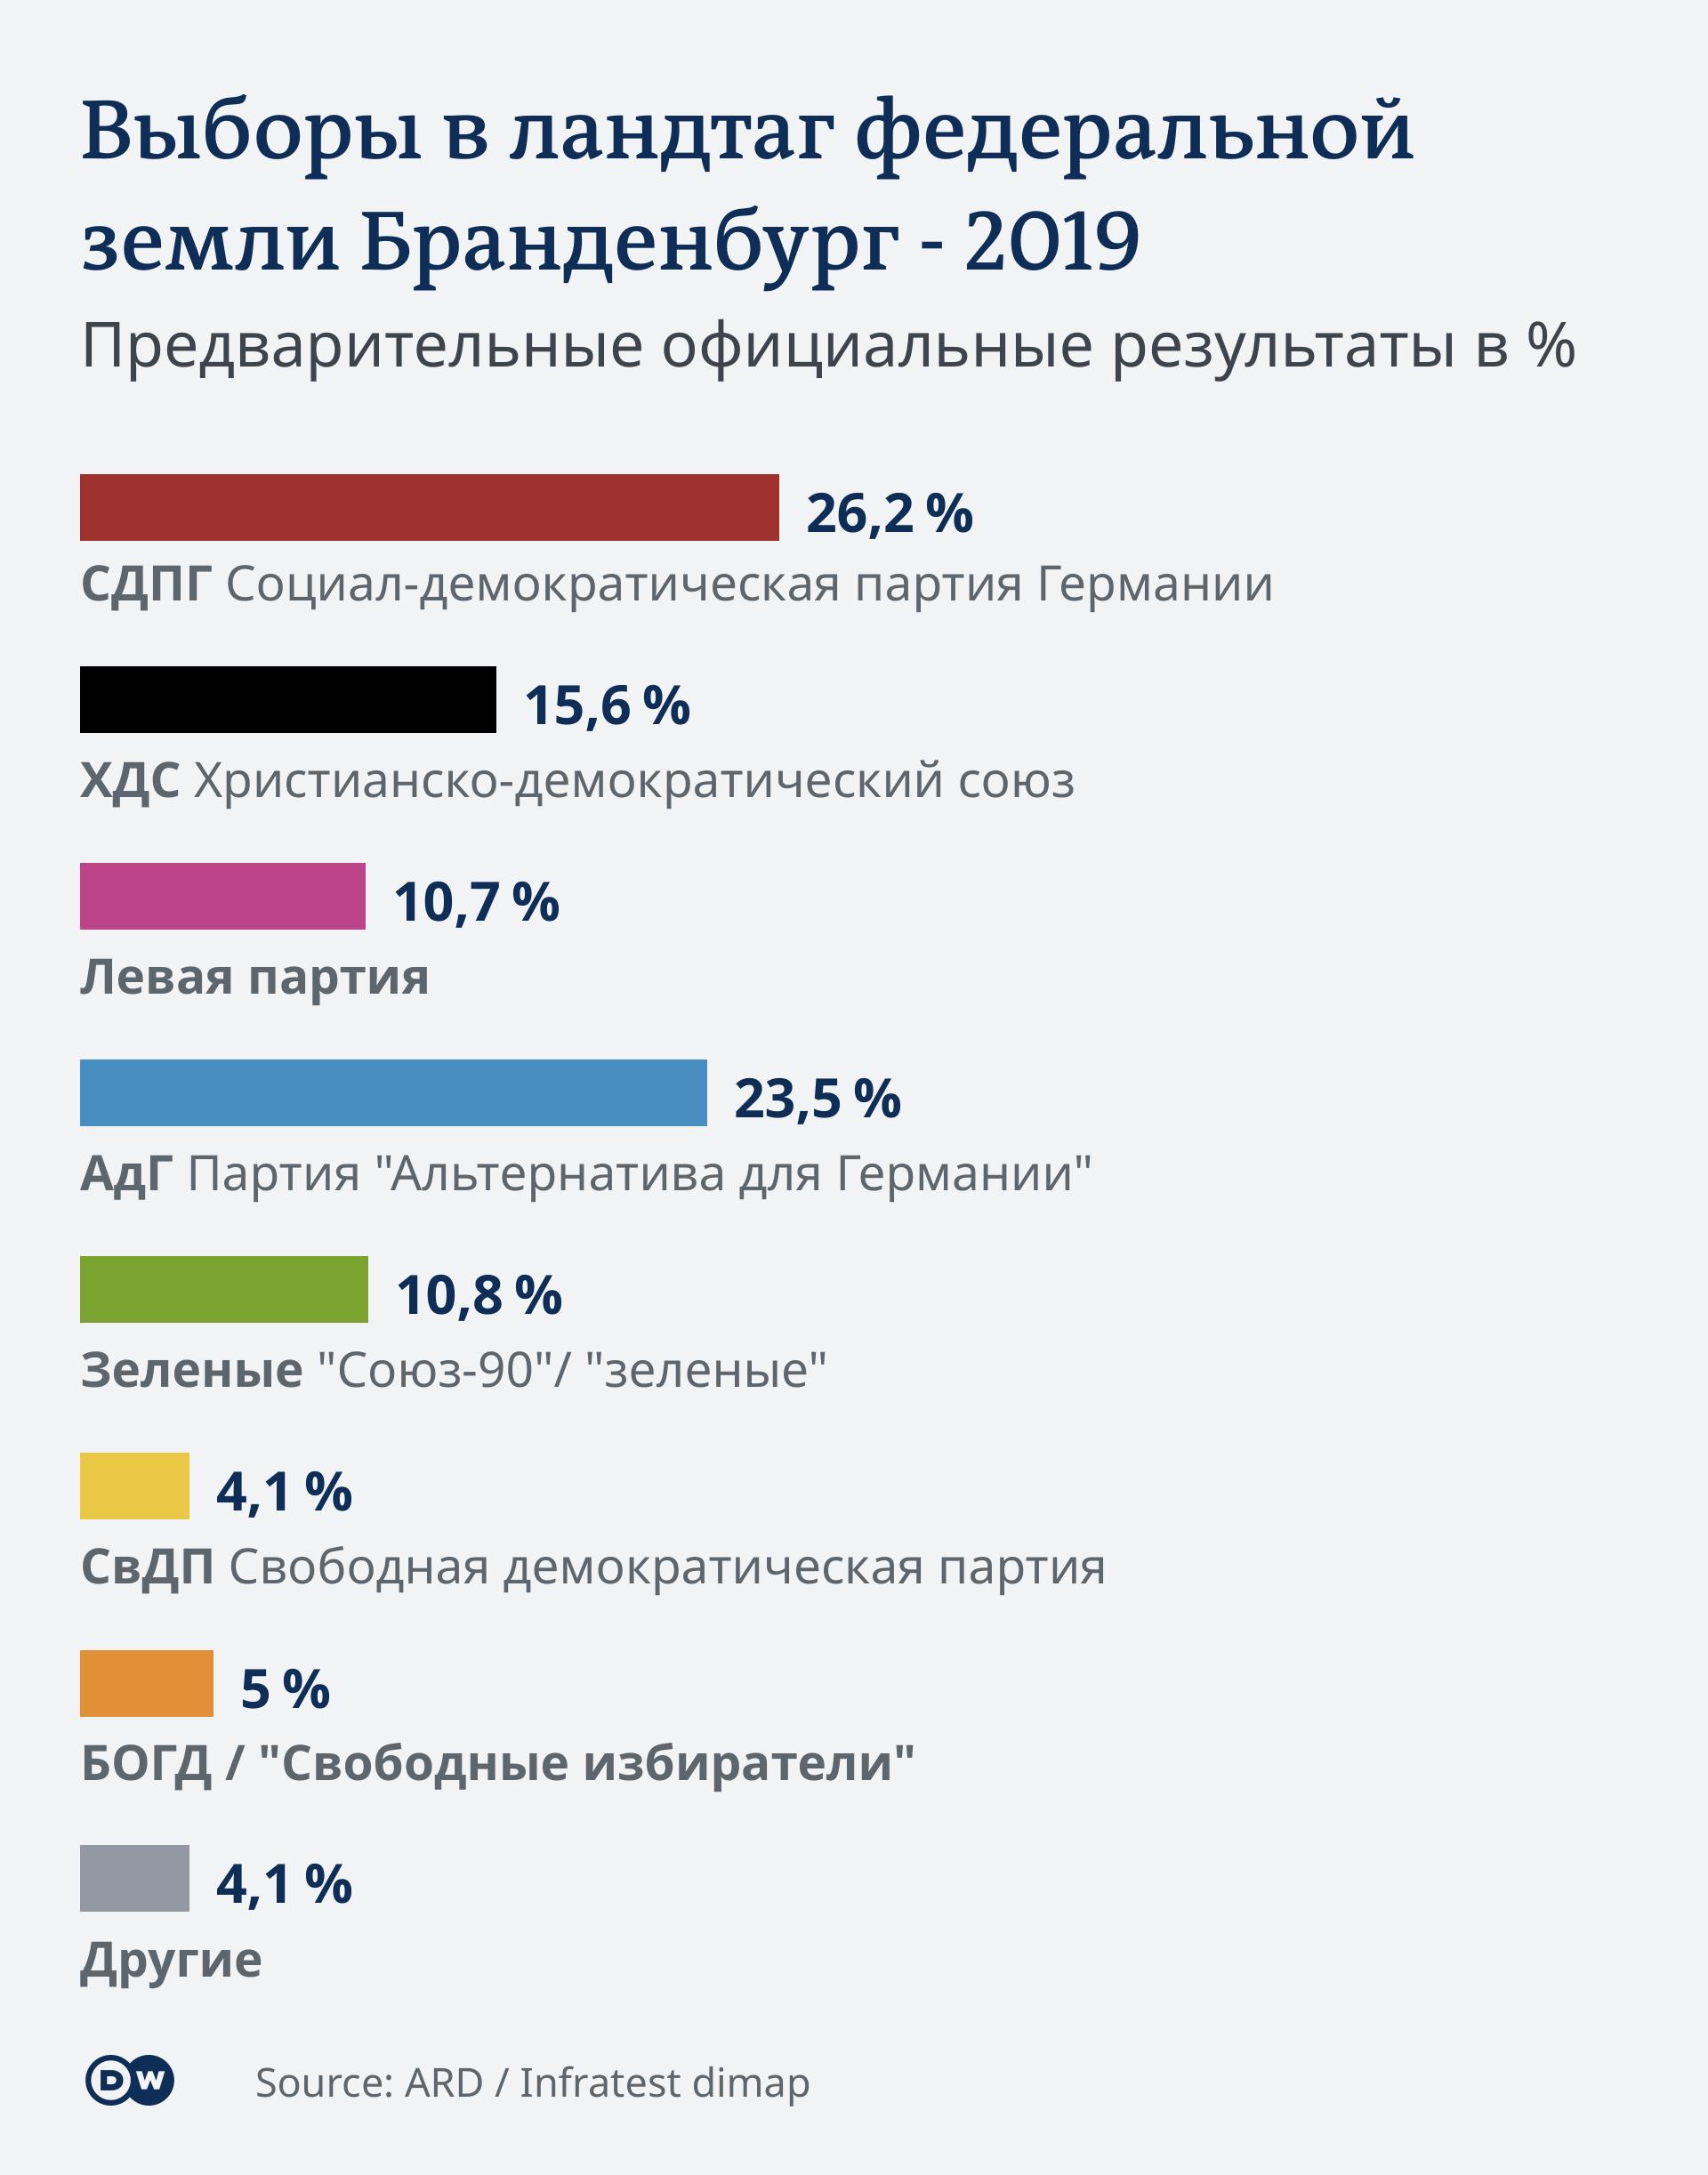 Infografik Landtagswahl Brandenburg Vorl. amtl. Endergebnis 22:55 RU